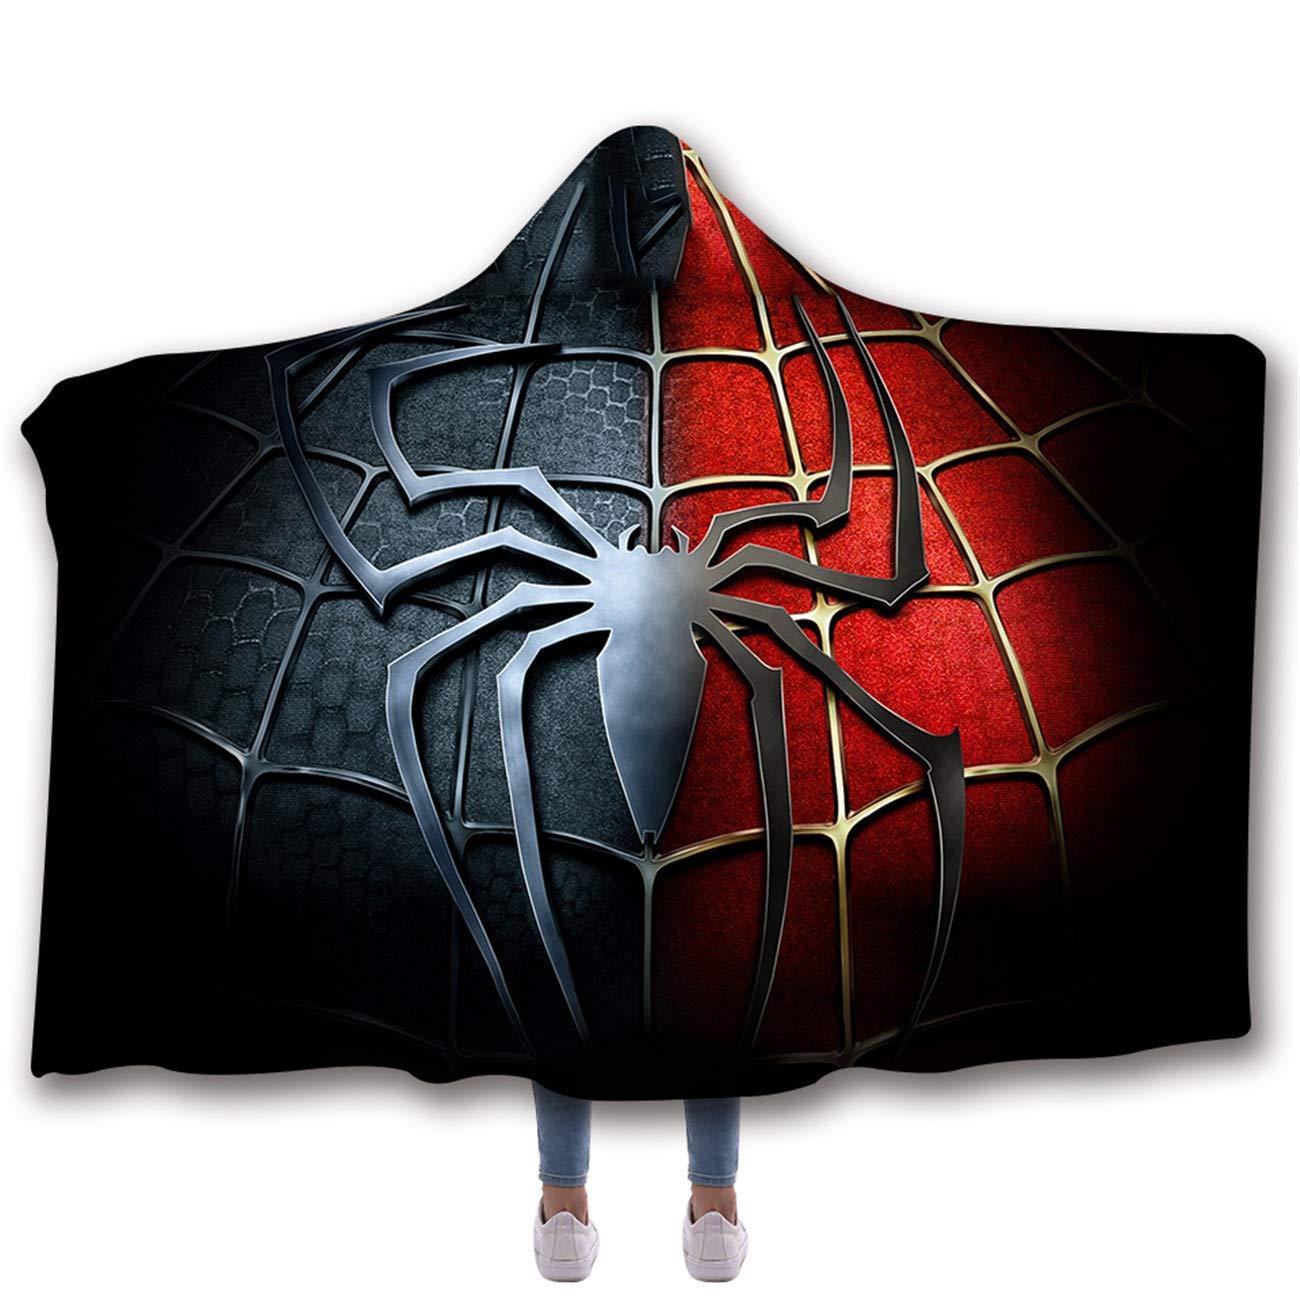 AMTAN 3D Spider-Man Hooded Blanket Superhero Movie Blanket Super Soft Sherpa Fleece Blankets Warm Wearable Blankets Kids and Adults Cozy Blankets (Kids 51''x 59'' inch) by AMTAN